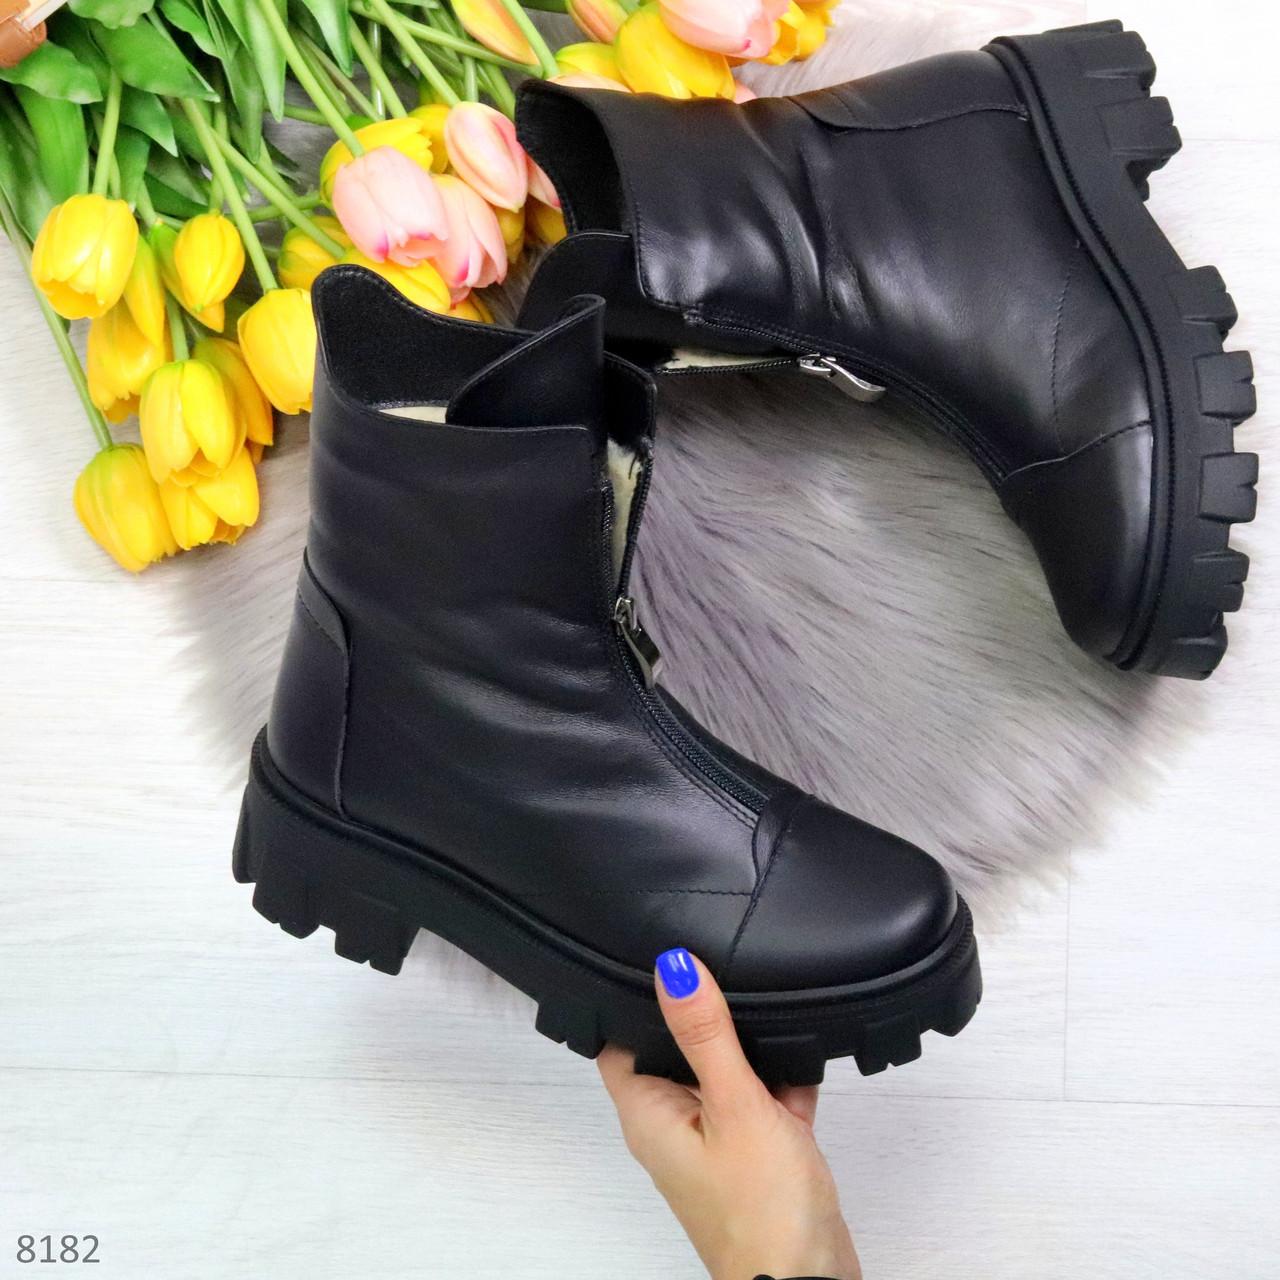 Мега удобные модельные зимние черные женские ботинки натуральная кожа